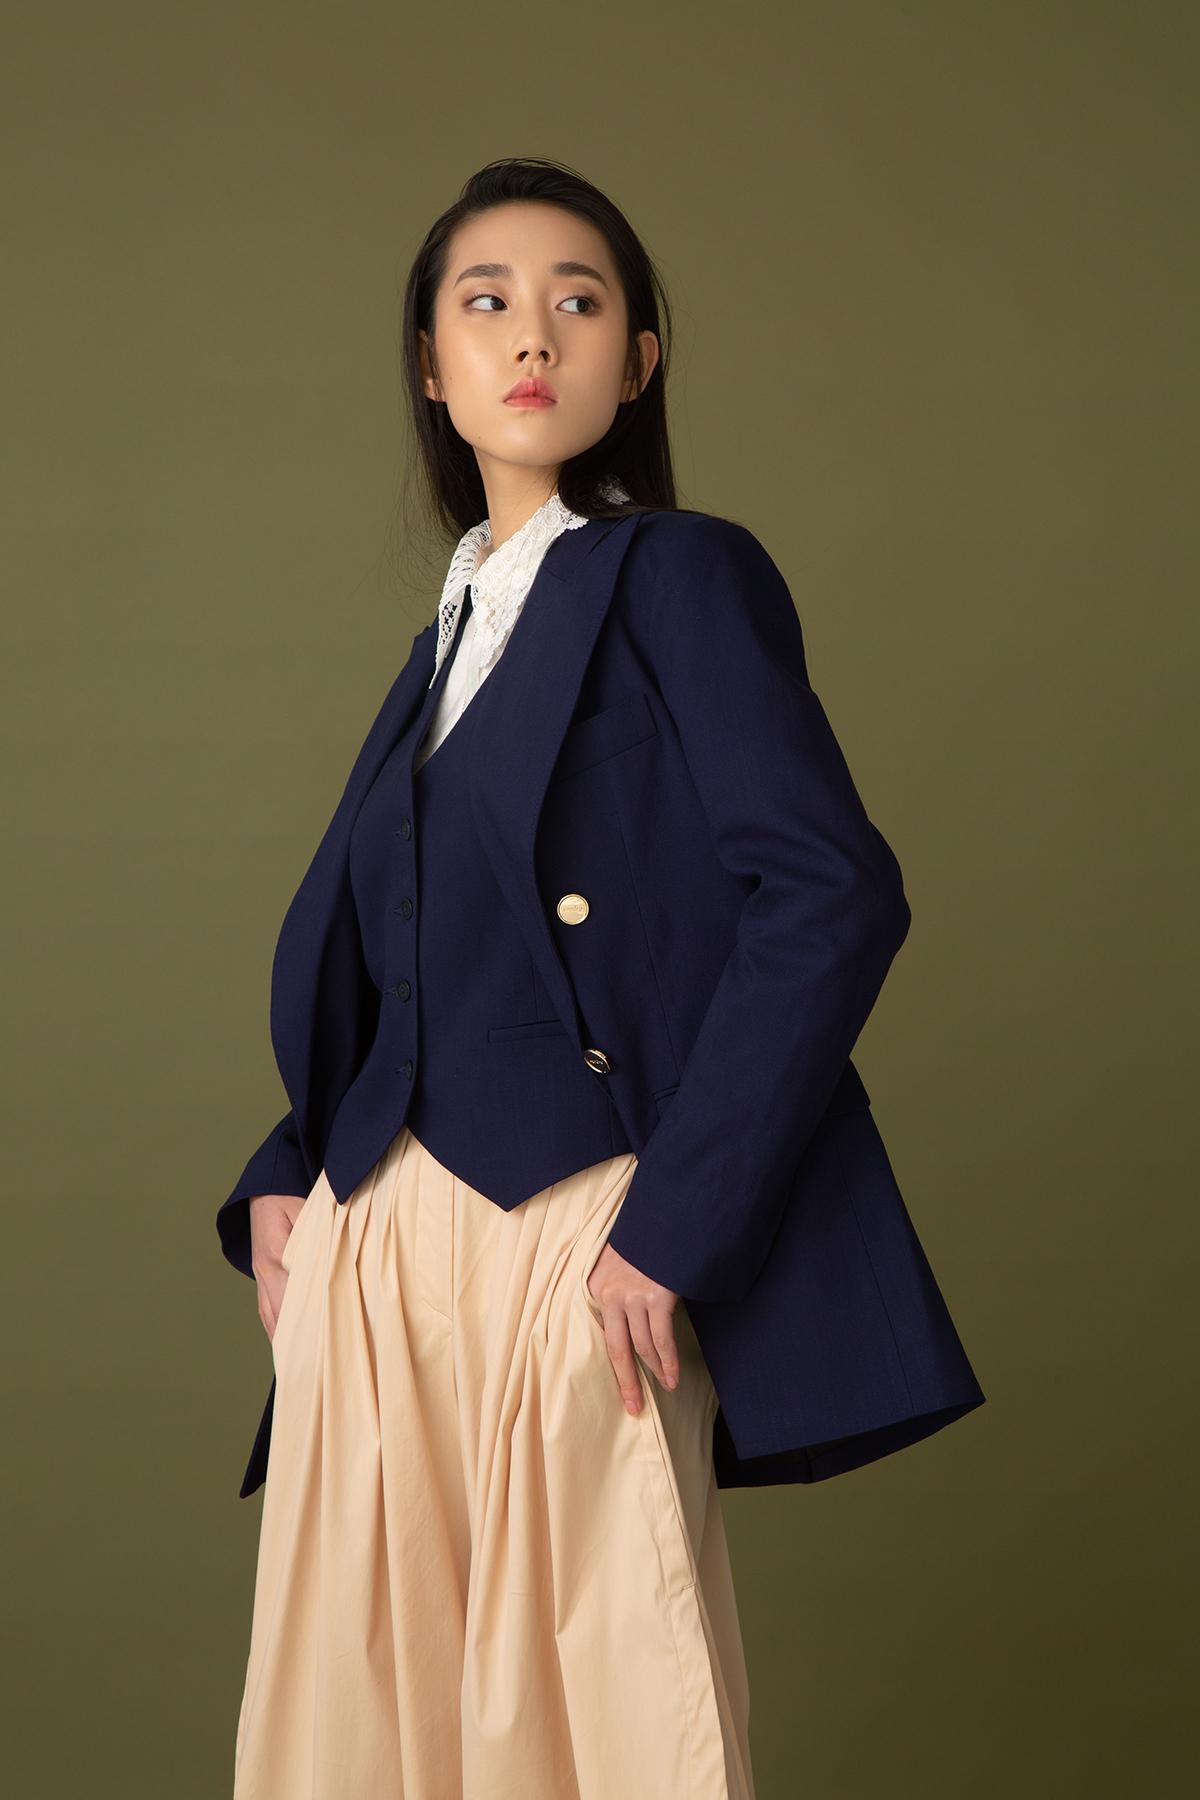 Sandro blue waistcoat, white shirt & blazer  Marella khaki culottes $2,480 H&M black sandals $229 Sportmax handbag $5,880